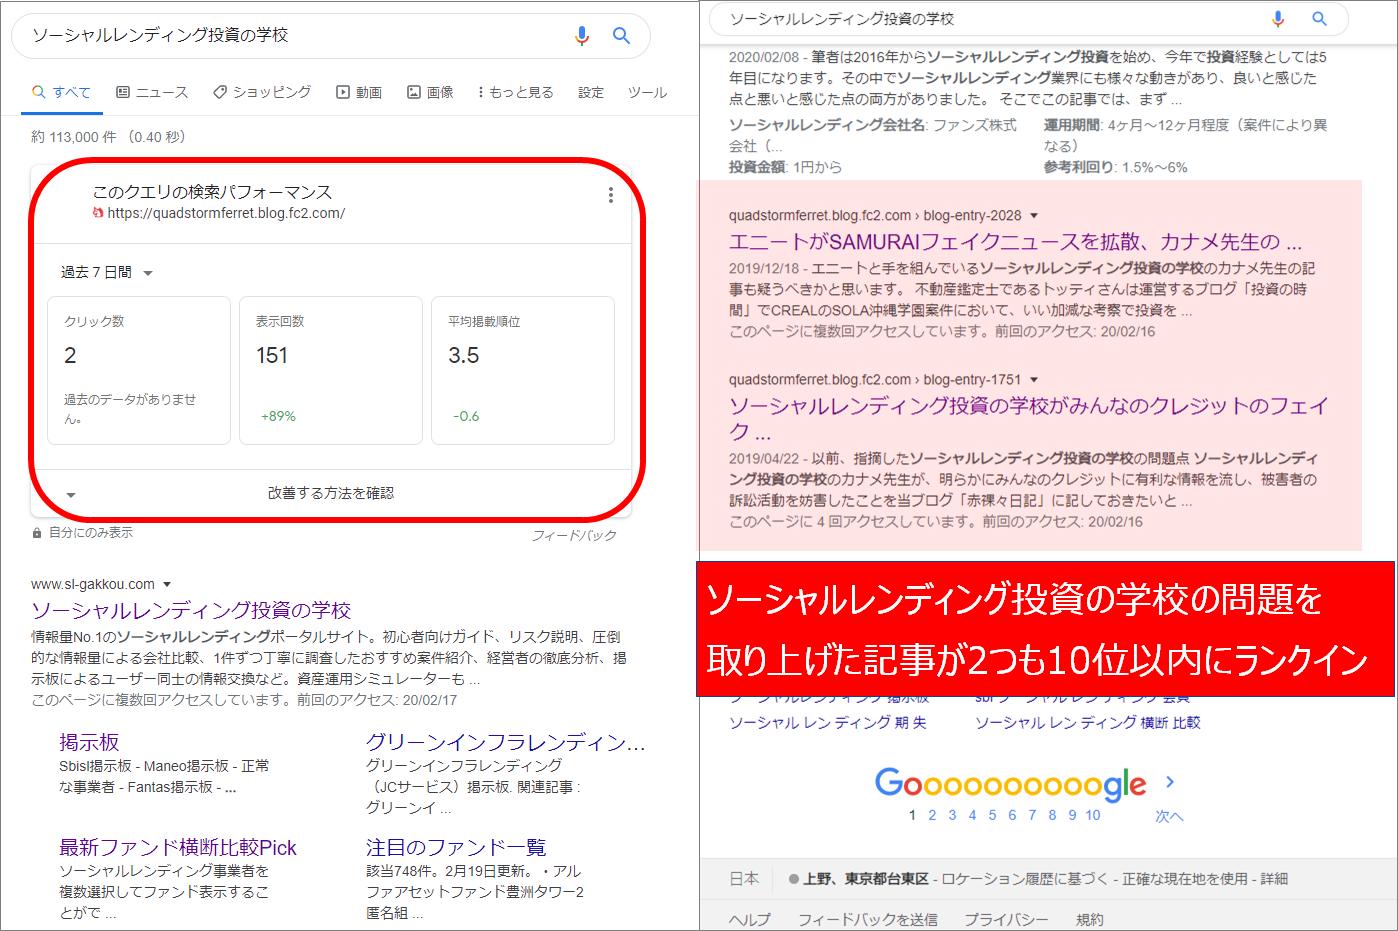 14ソーシャルレンディング投資の学校高橋要氏の告発